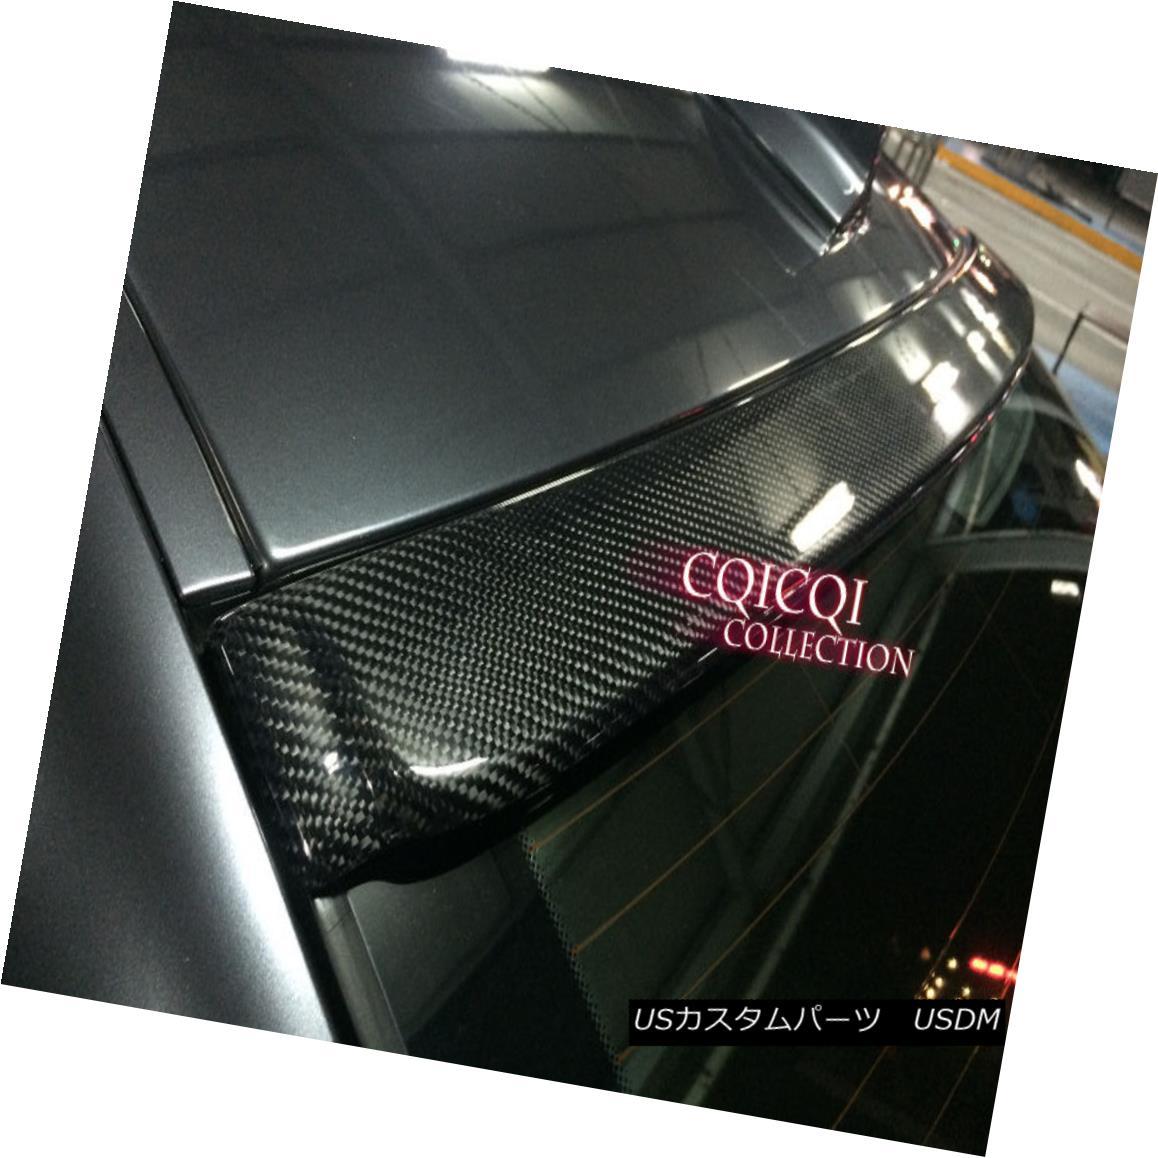 エアロパーツ Carbon BMW 06~11 E90 3-series sedan AC type roof spoiler ◎ カーボンBMW 06?11 E90 3シリーズセダンAC型ルーフスポイラー?